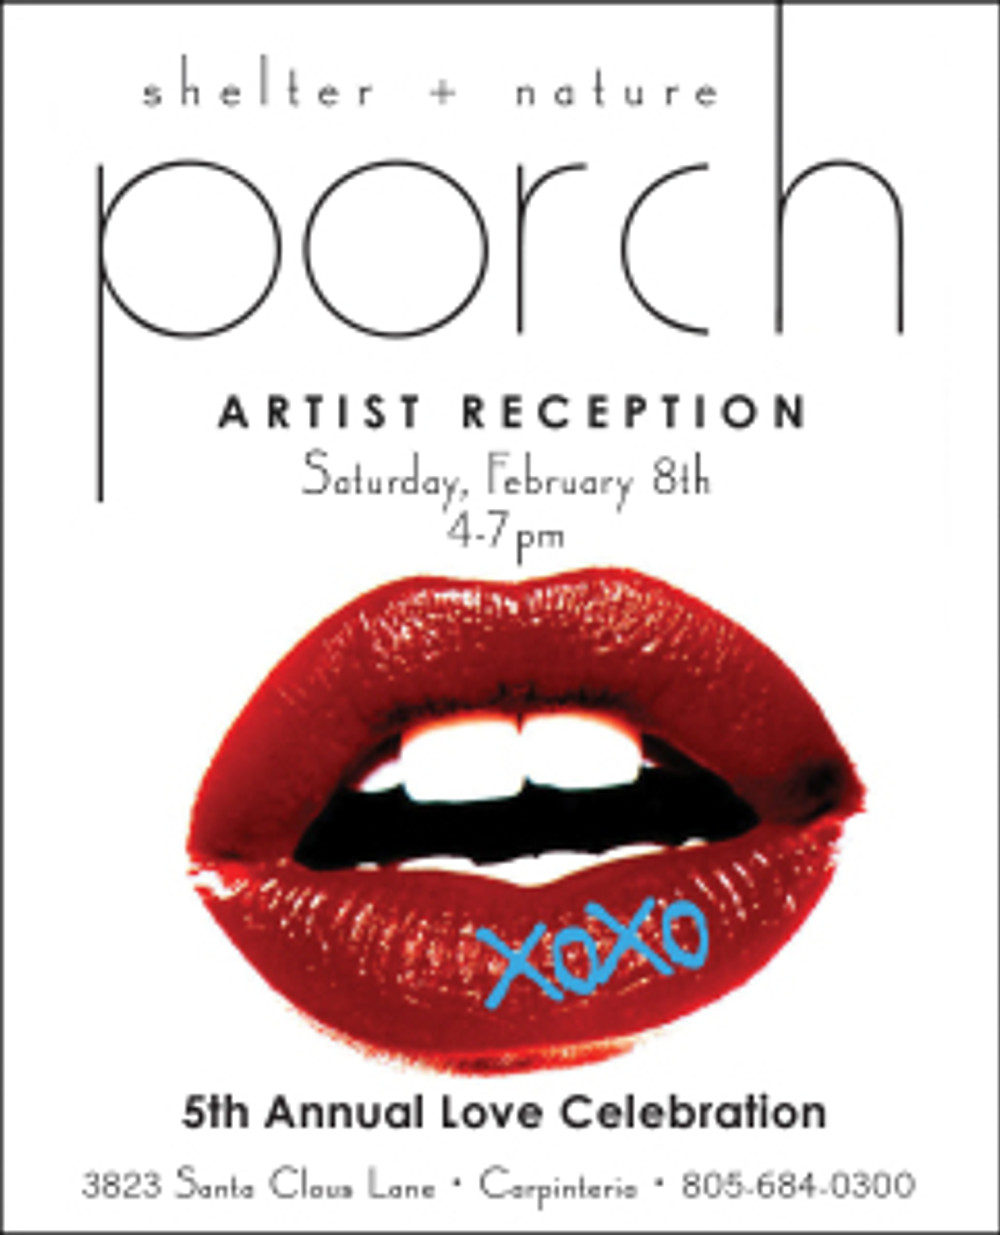 Artist Reception invitation from Porch.